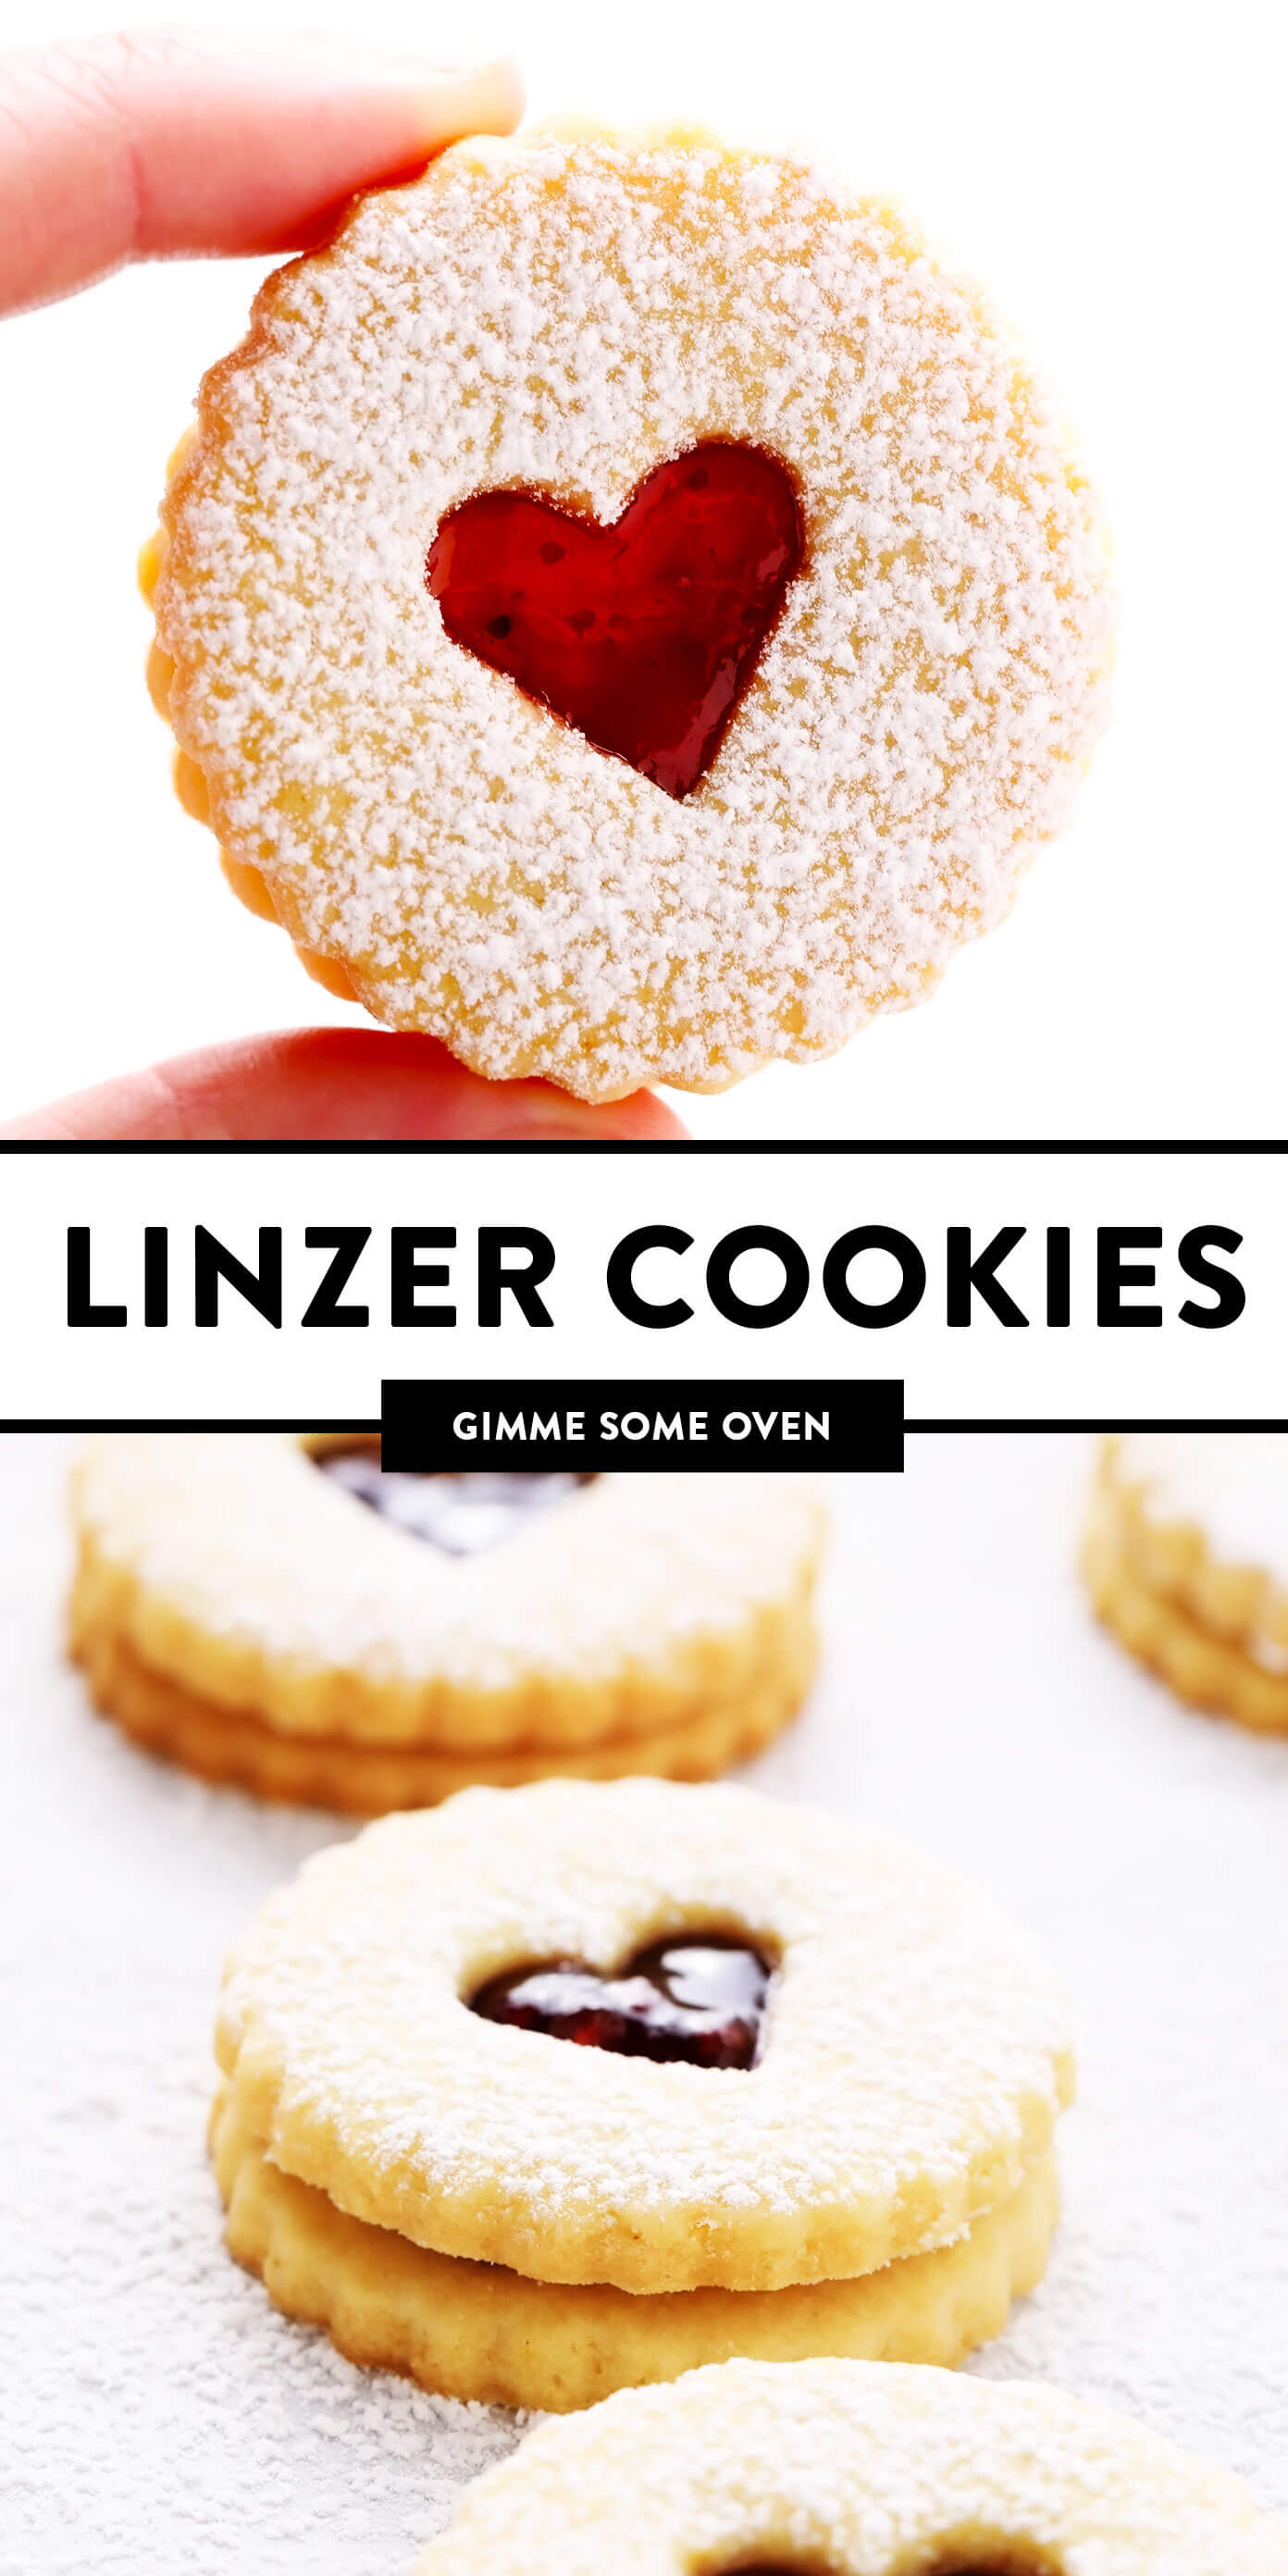 Linzer Cookies